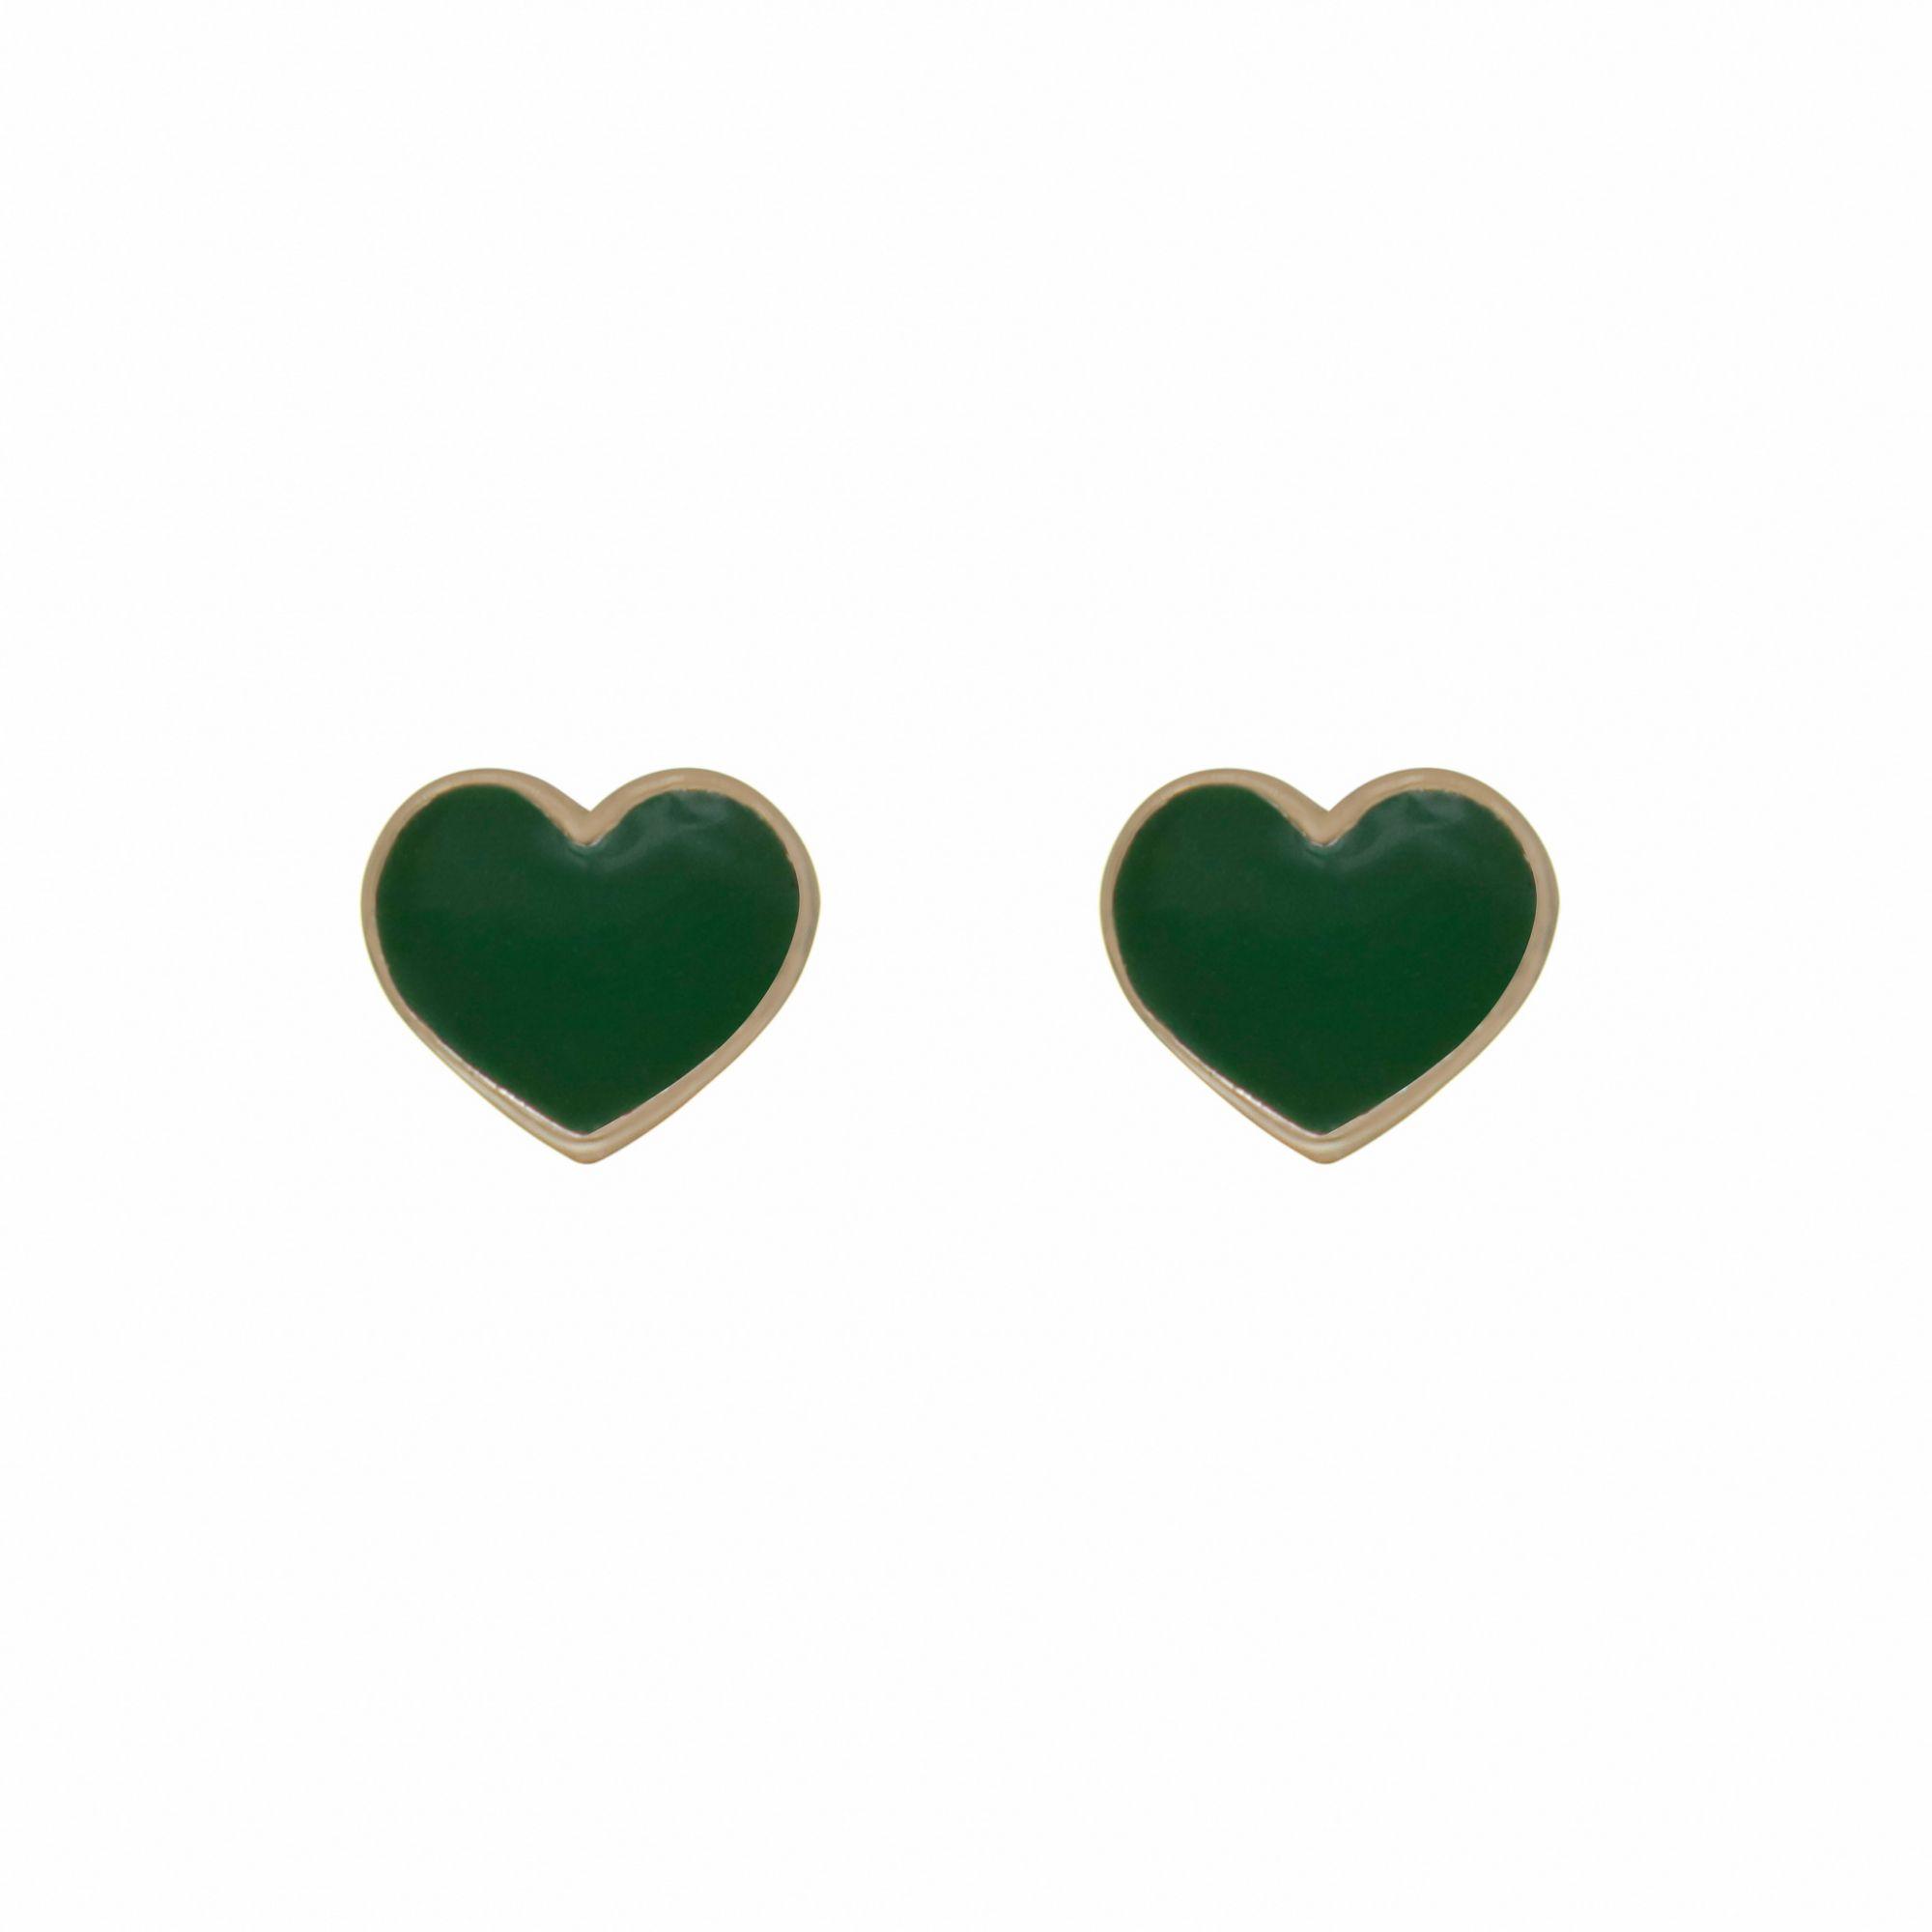 Brinco semijoia Coração resinado color